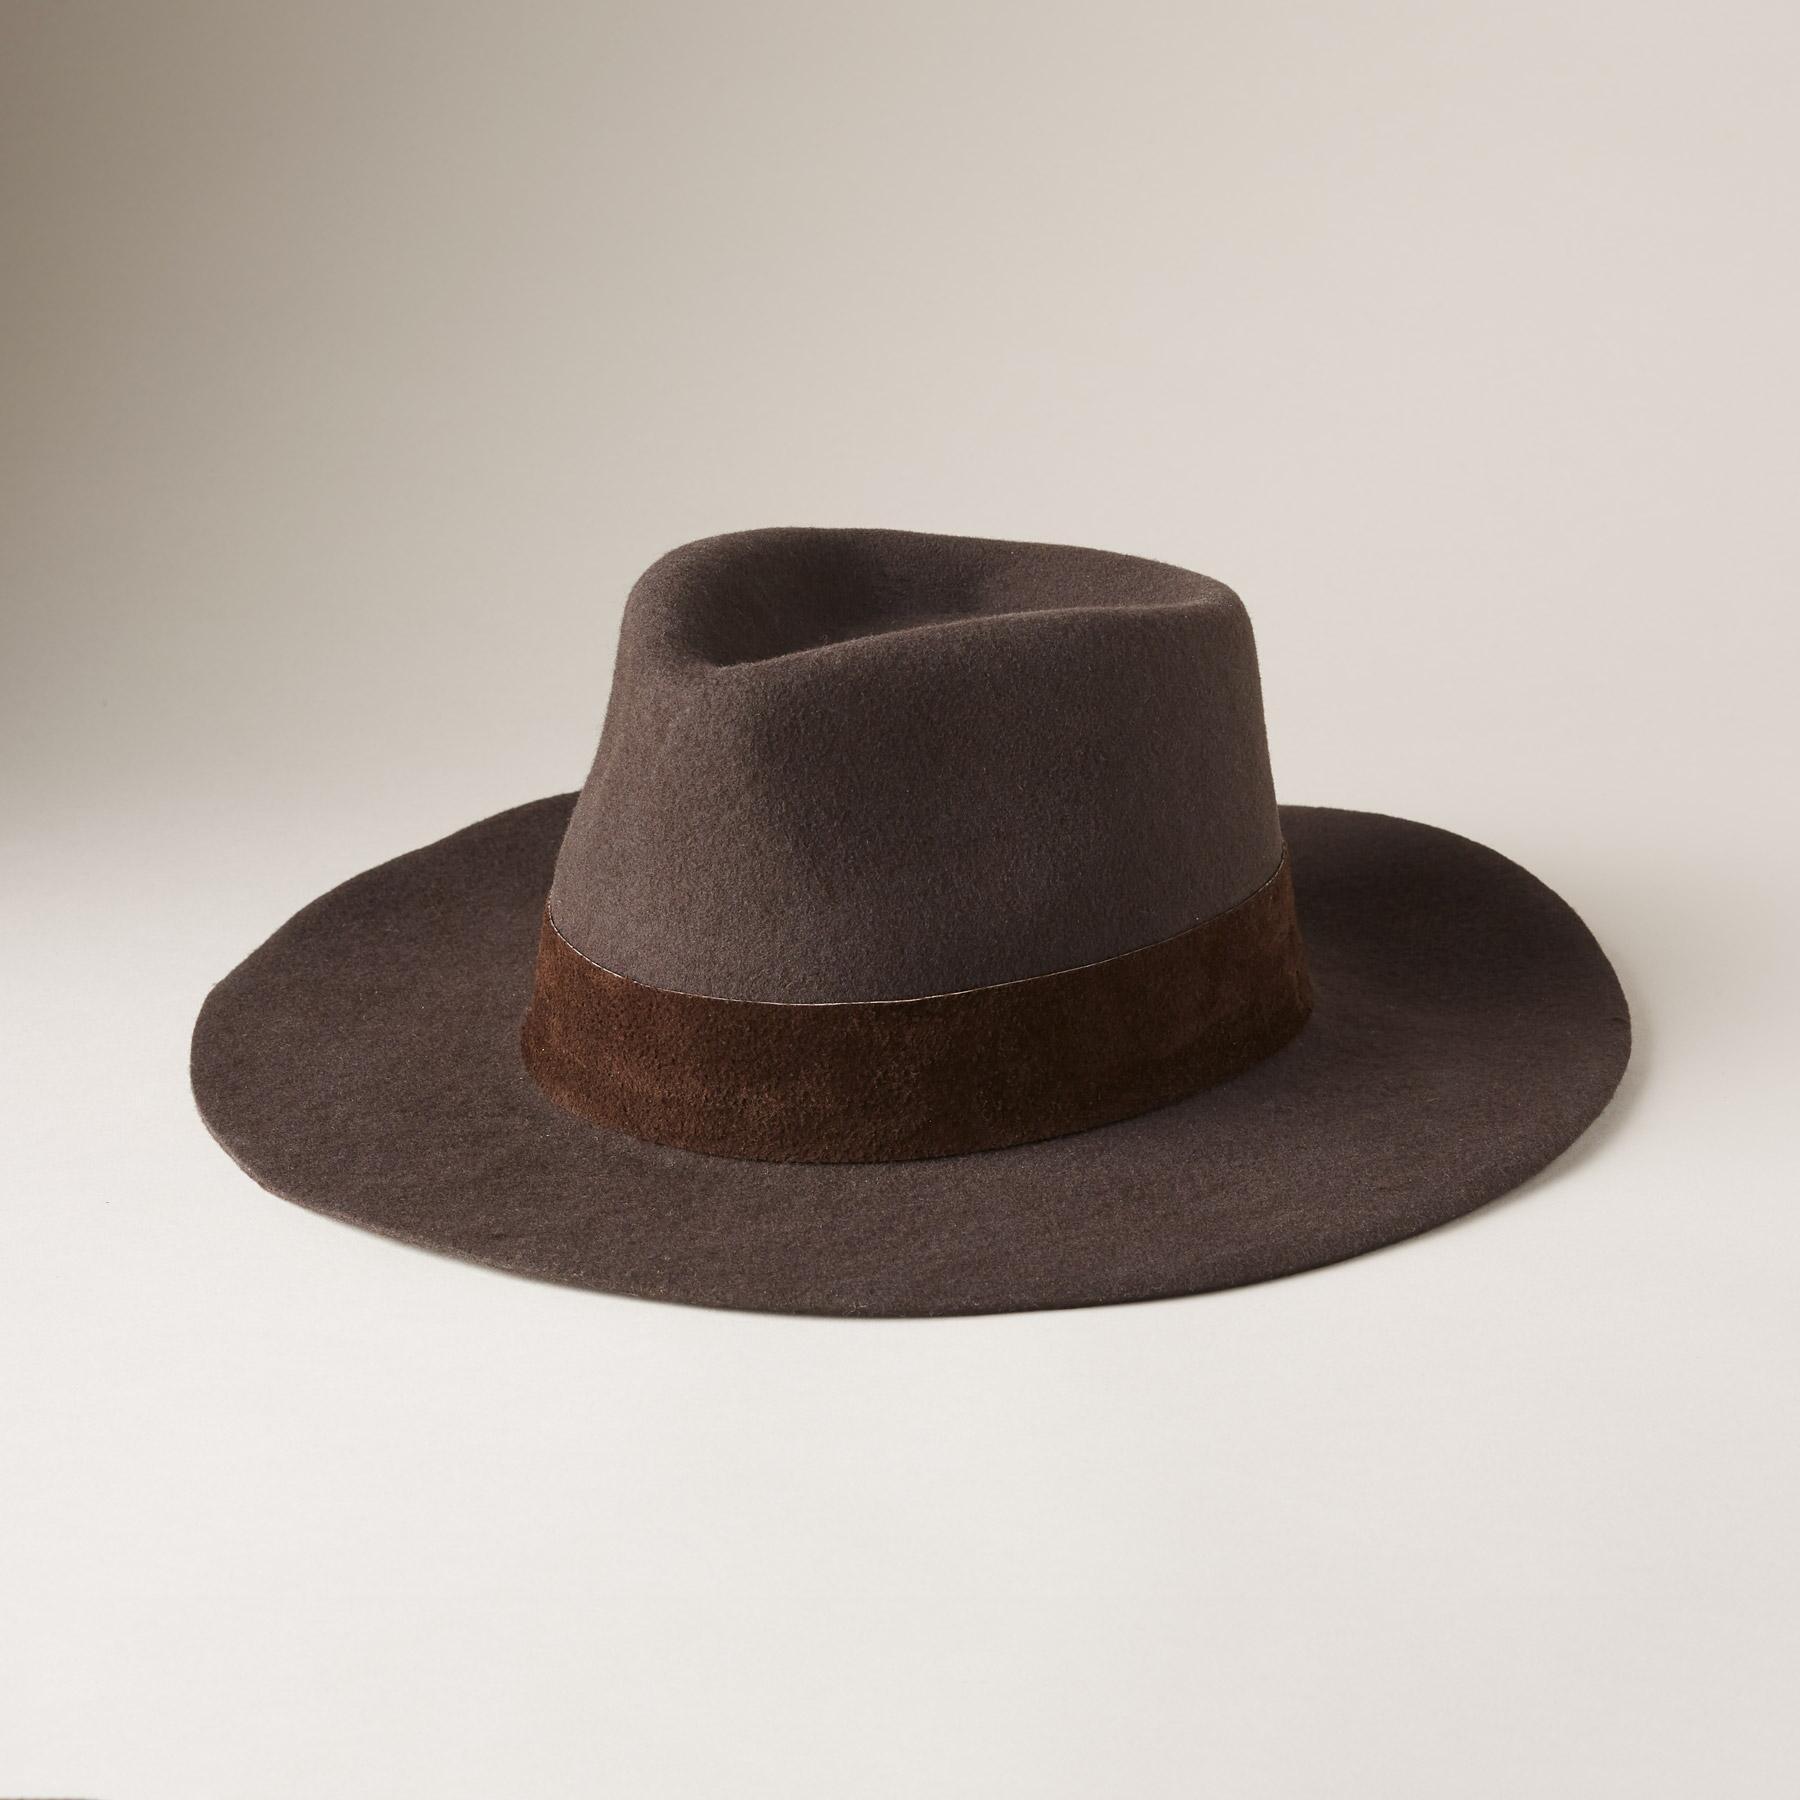 ALMA HAT: View 1